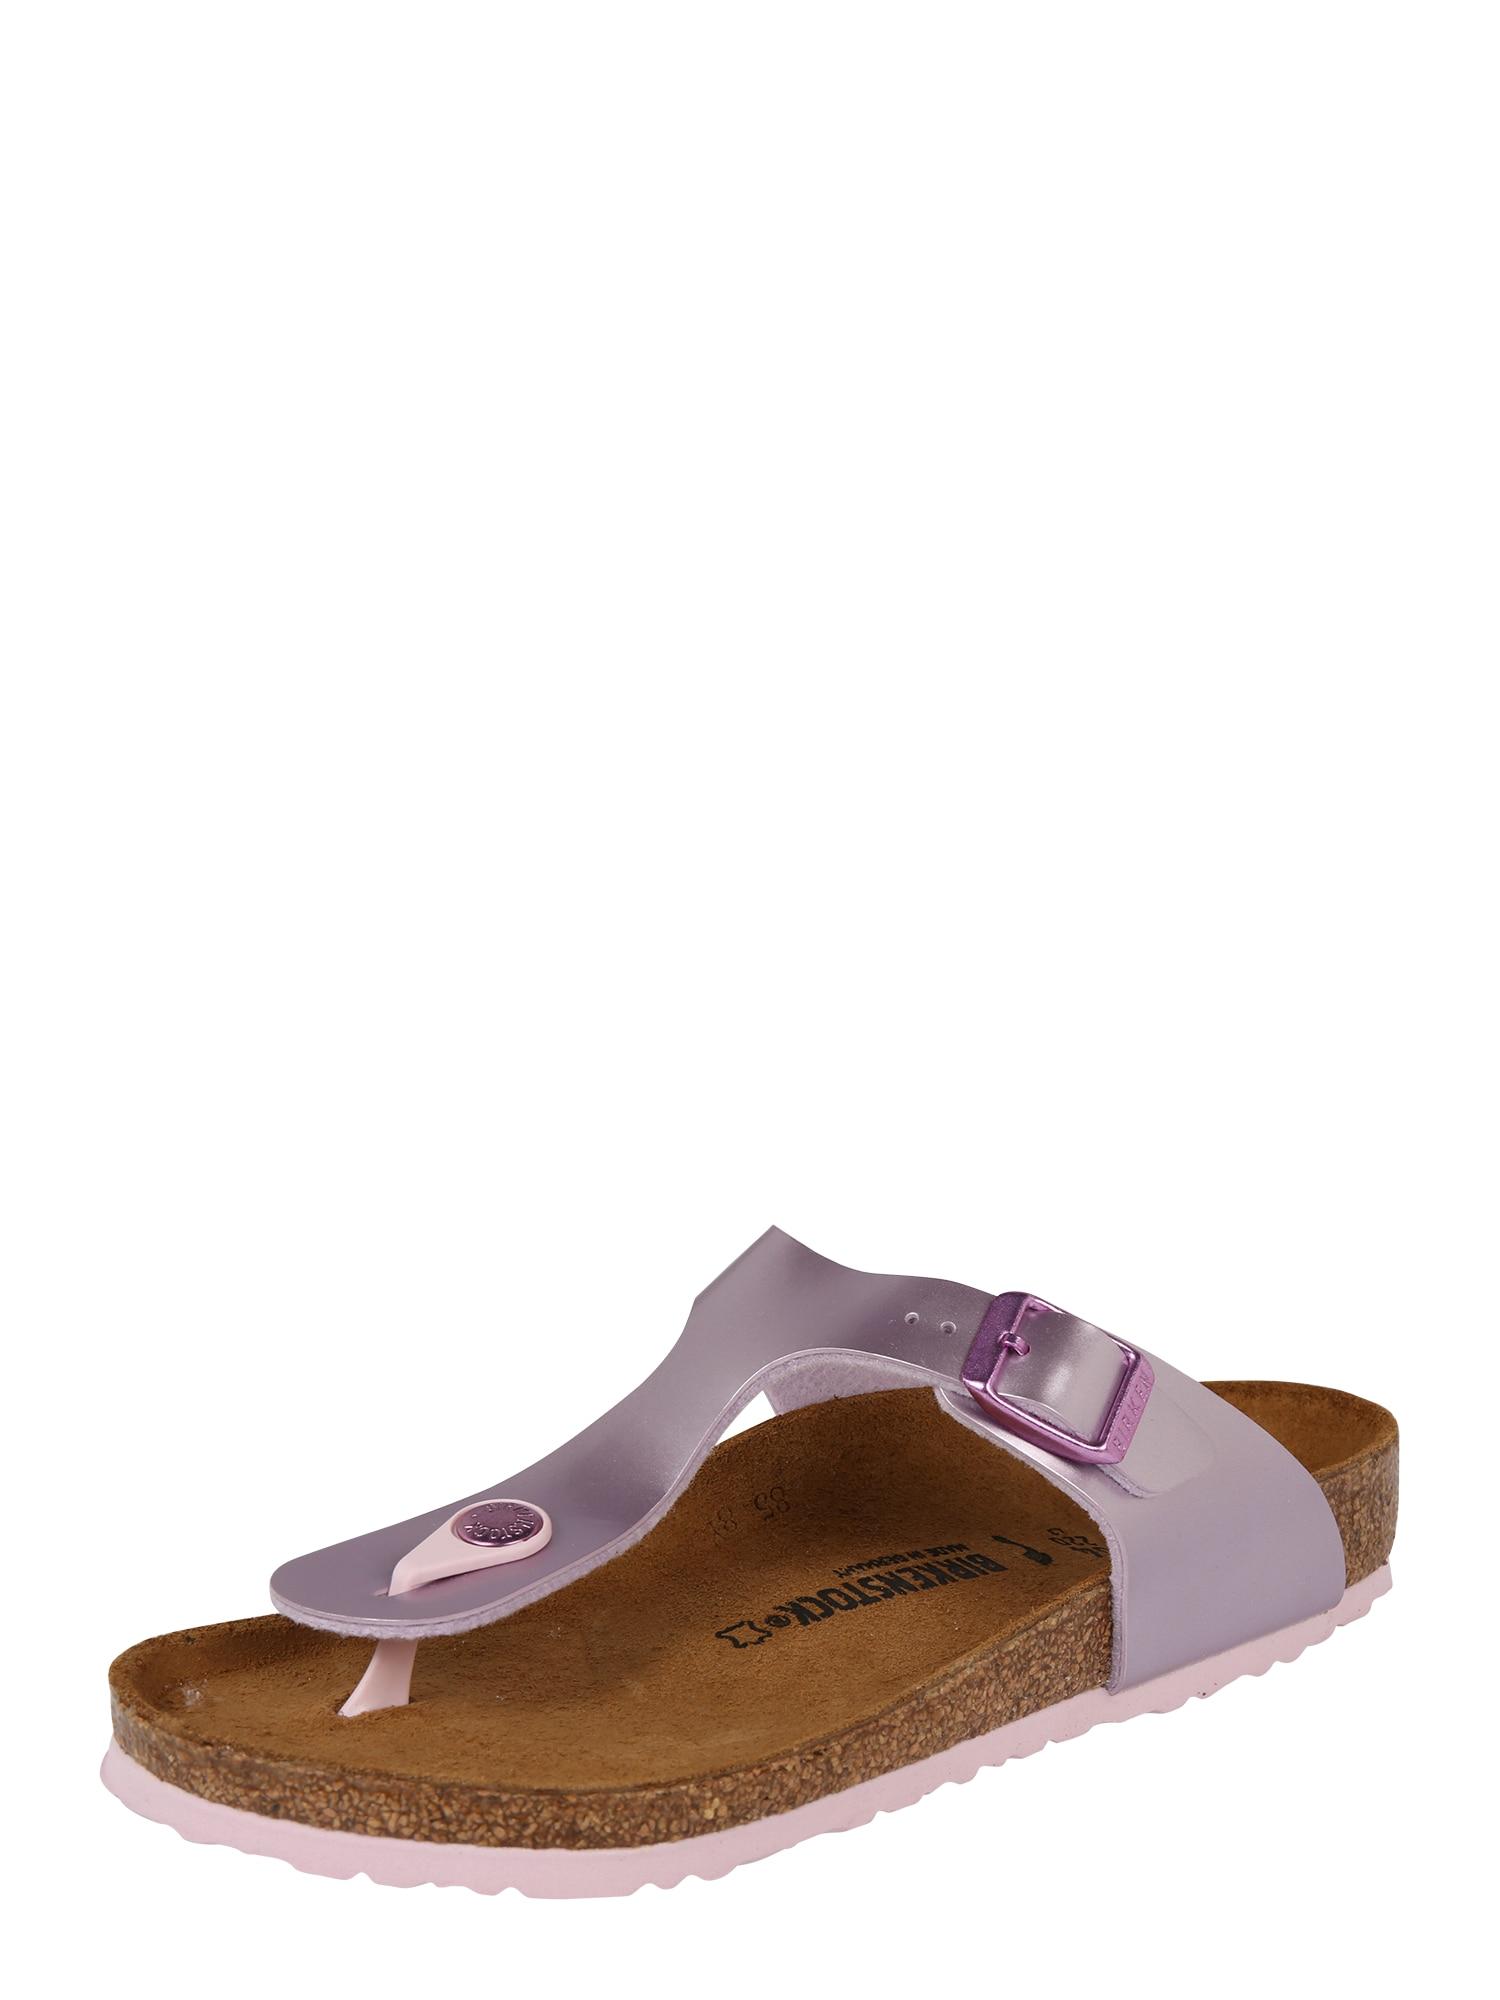 BIRKENSTOCK Sandalai 'Gizeh' rausvai violetinė spalva